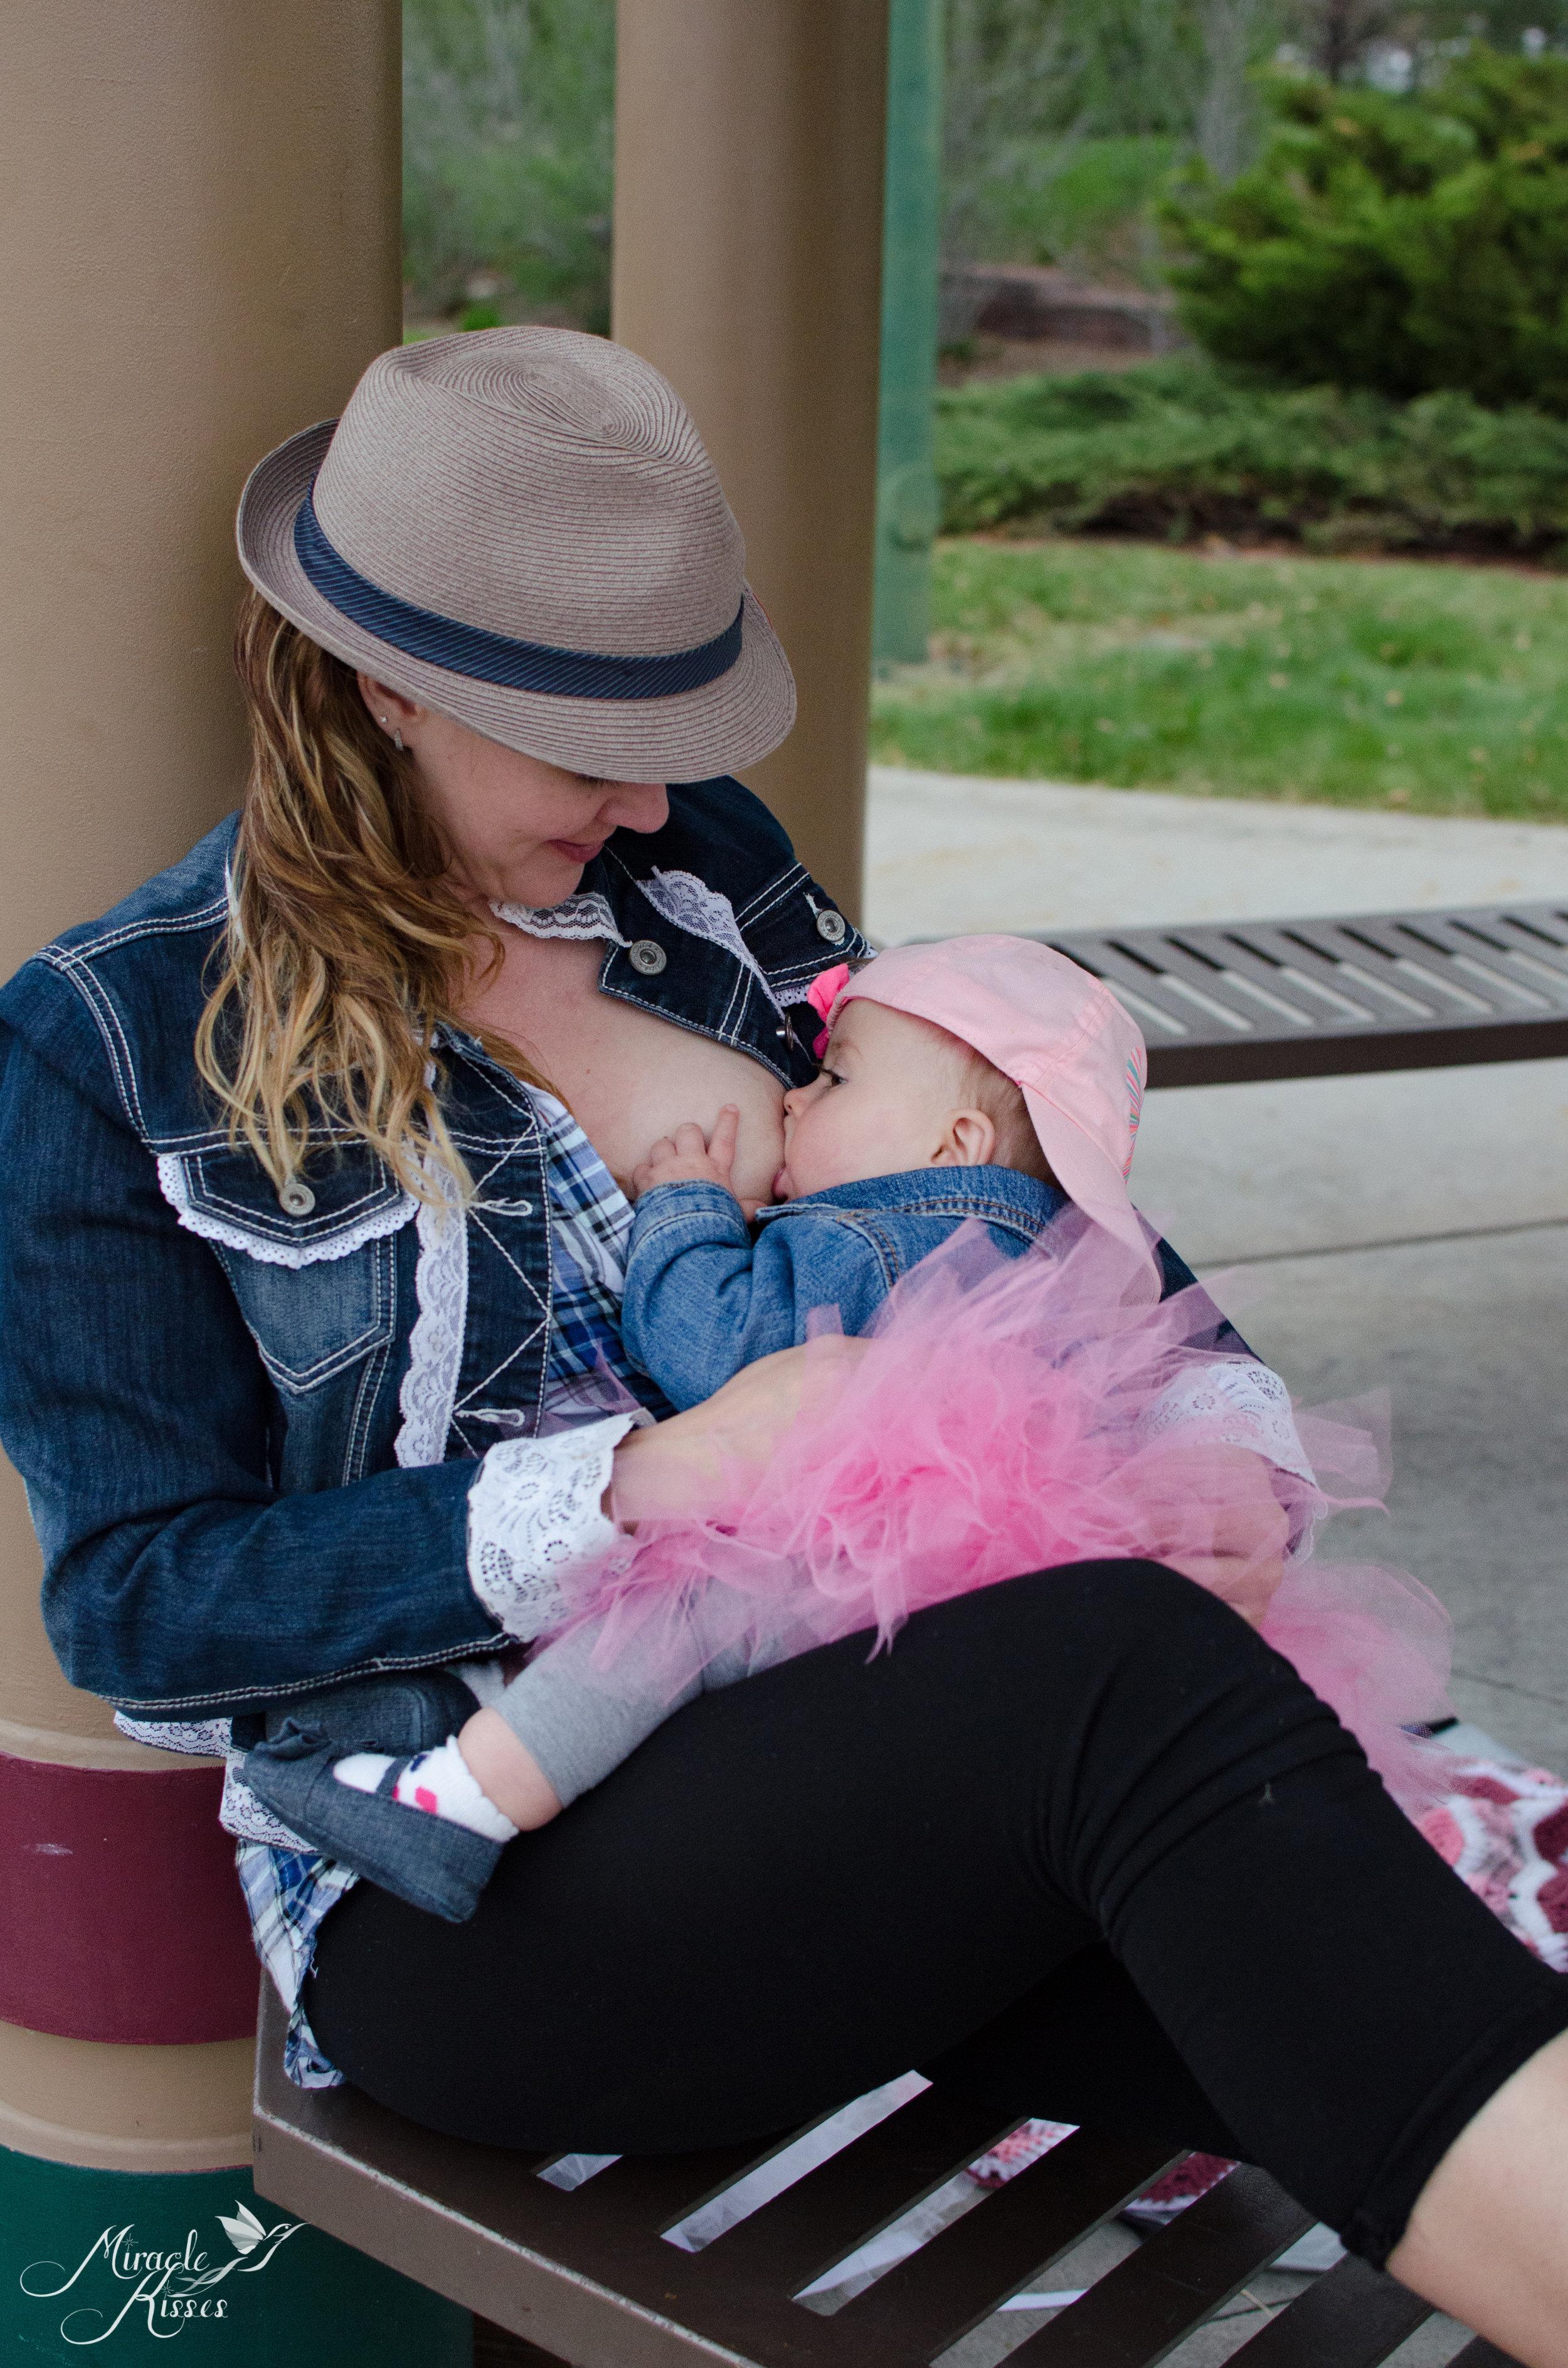 nursing in public, no fear, normalize breastfeeding